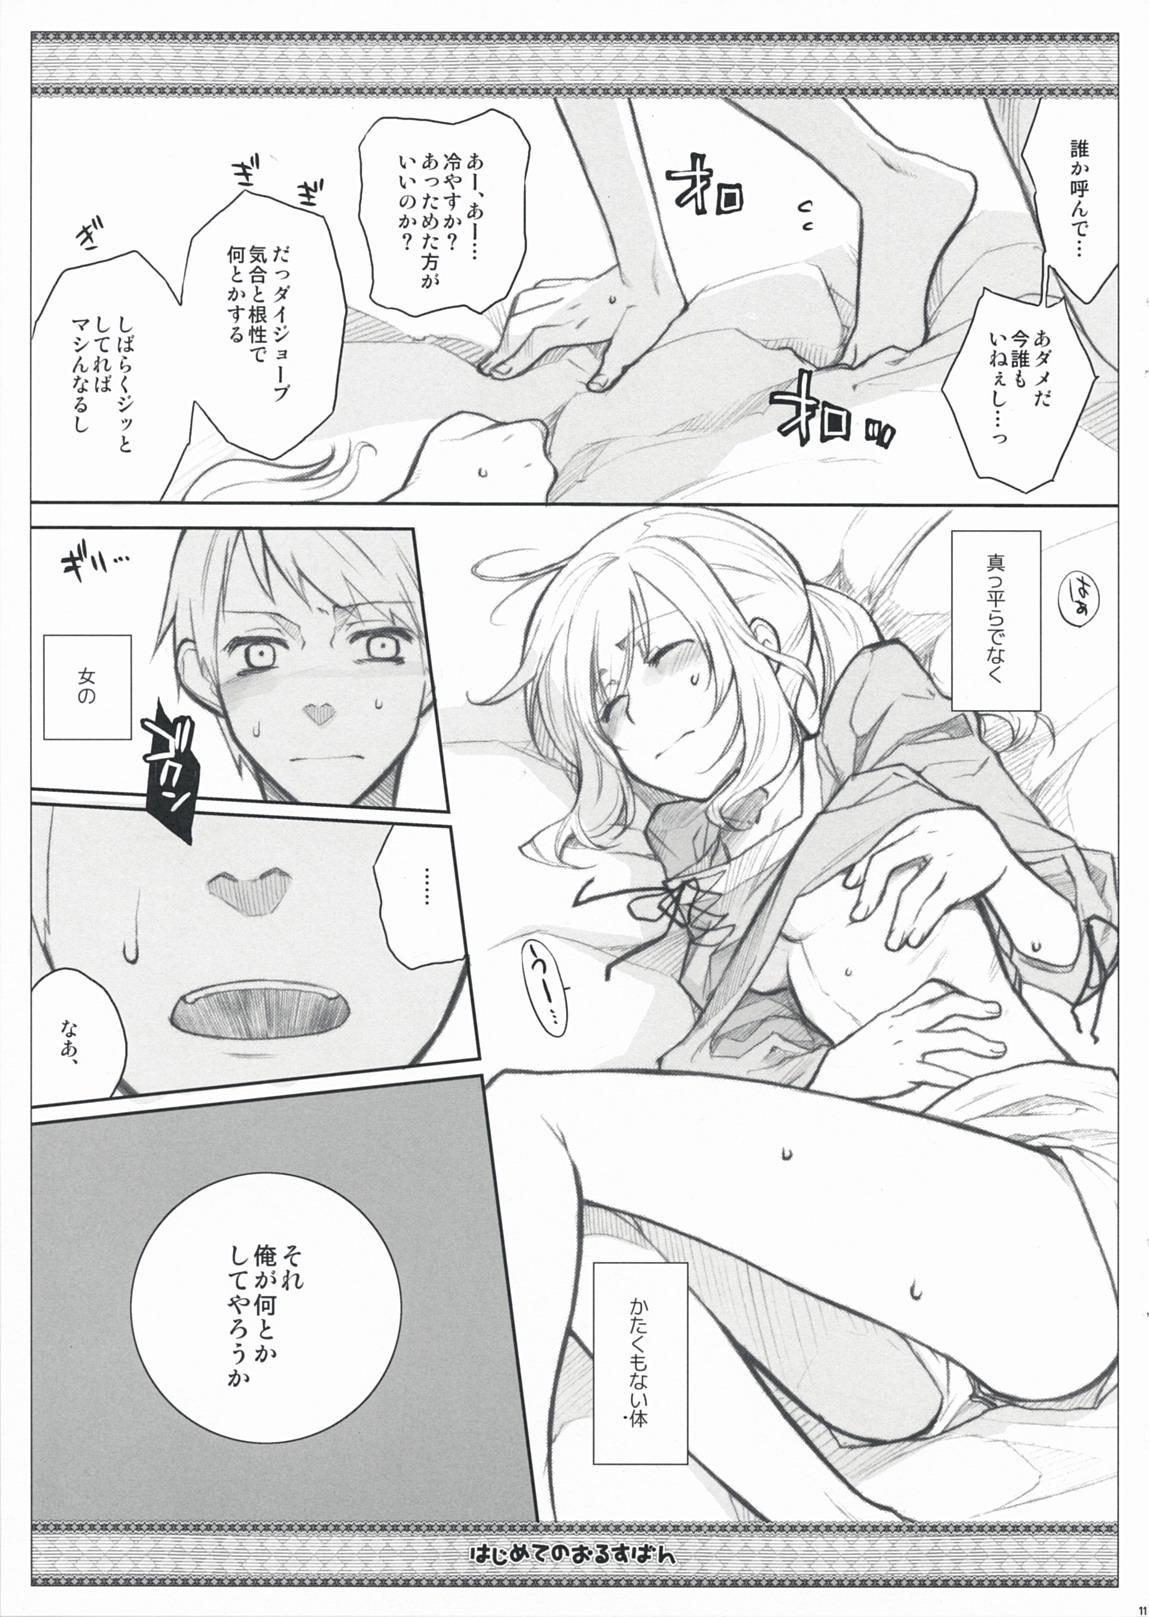 Hajimete no Orosuban 10